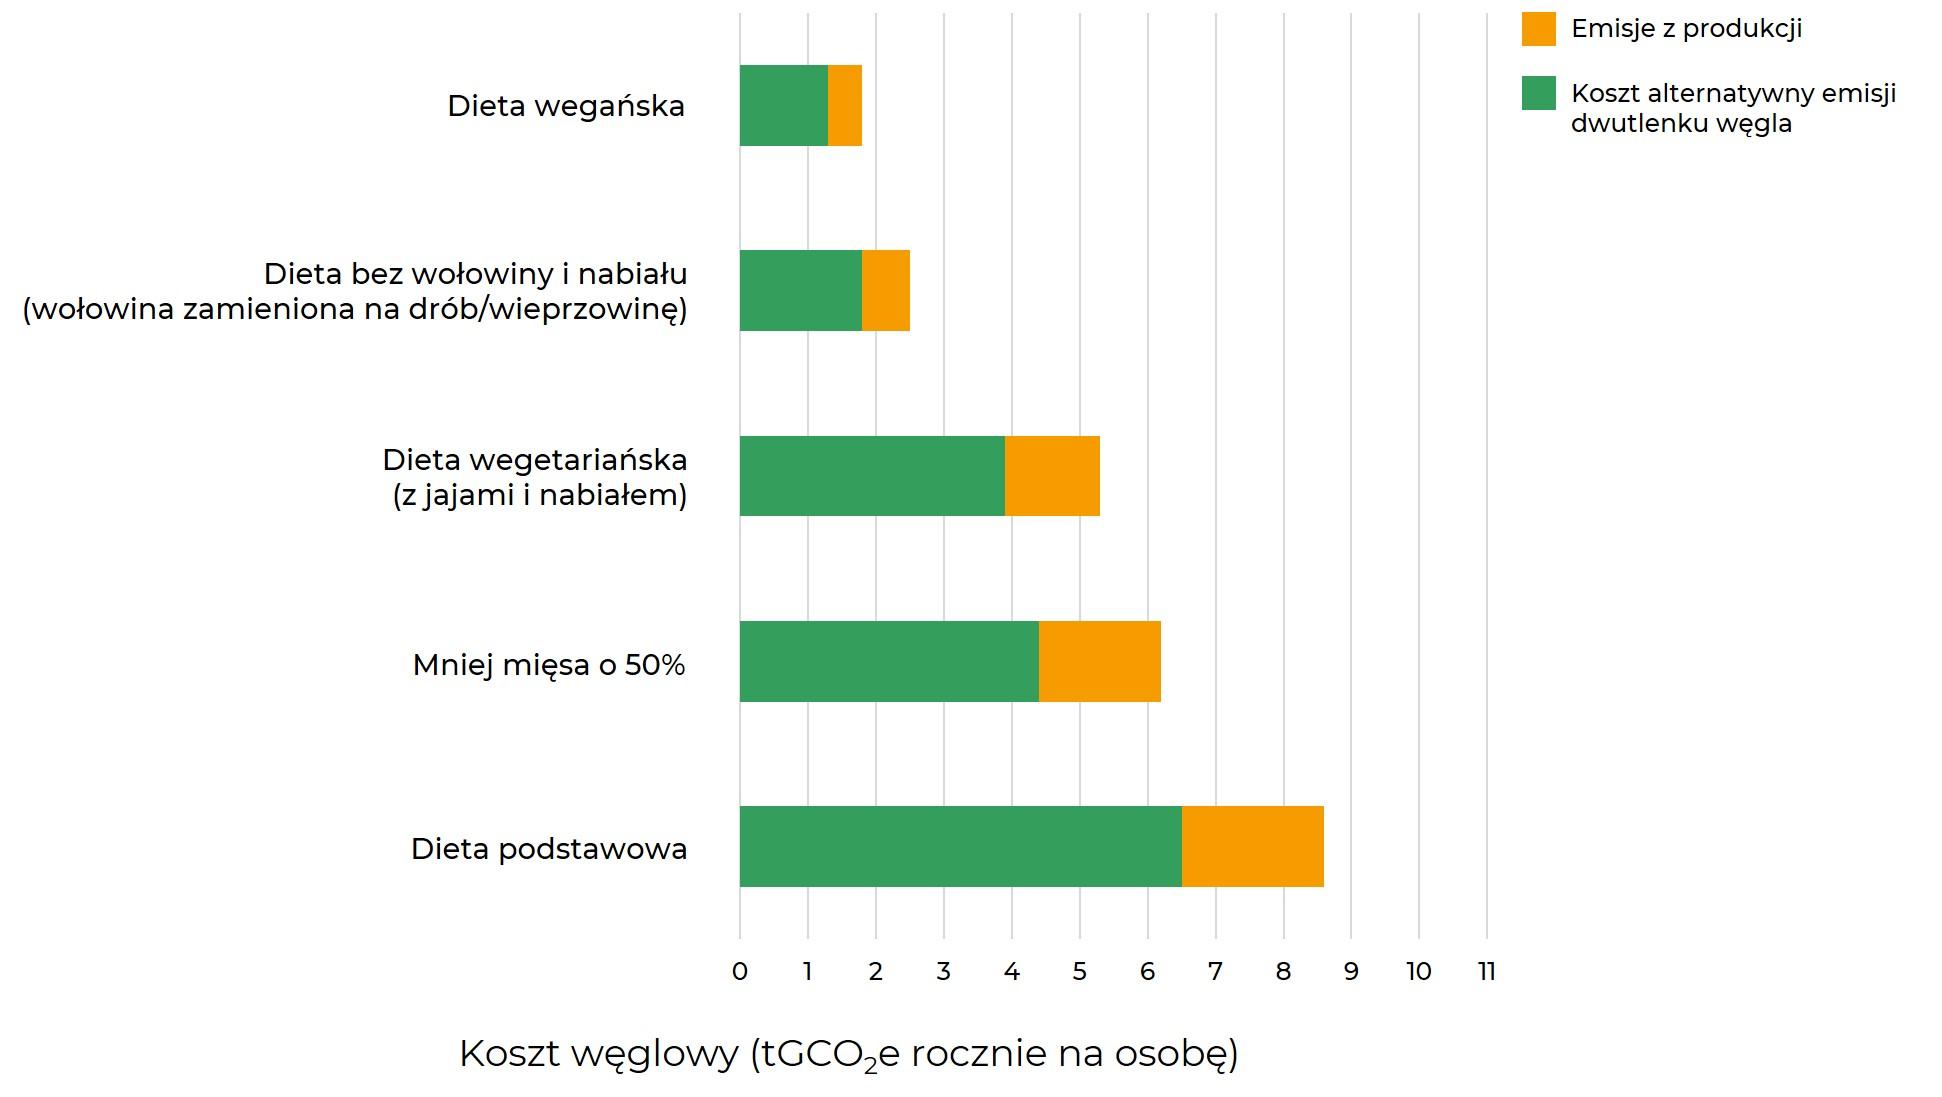 Dbam o klimat - roczny koszt węglowy na osobę dla najpopularniejszych diet